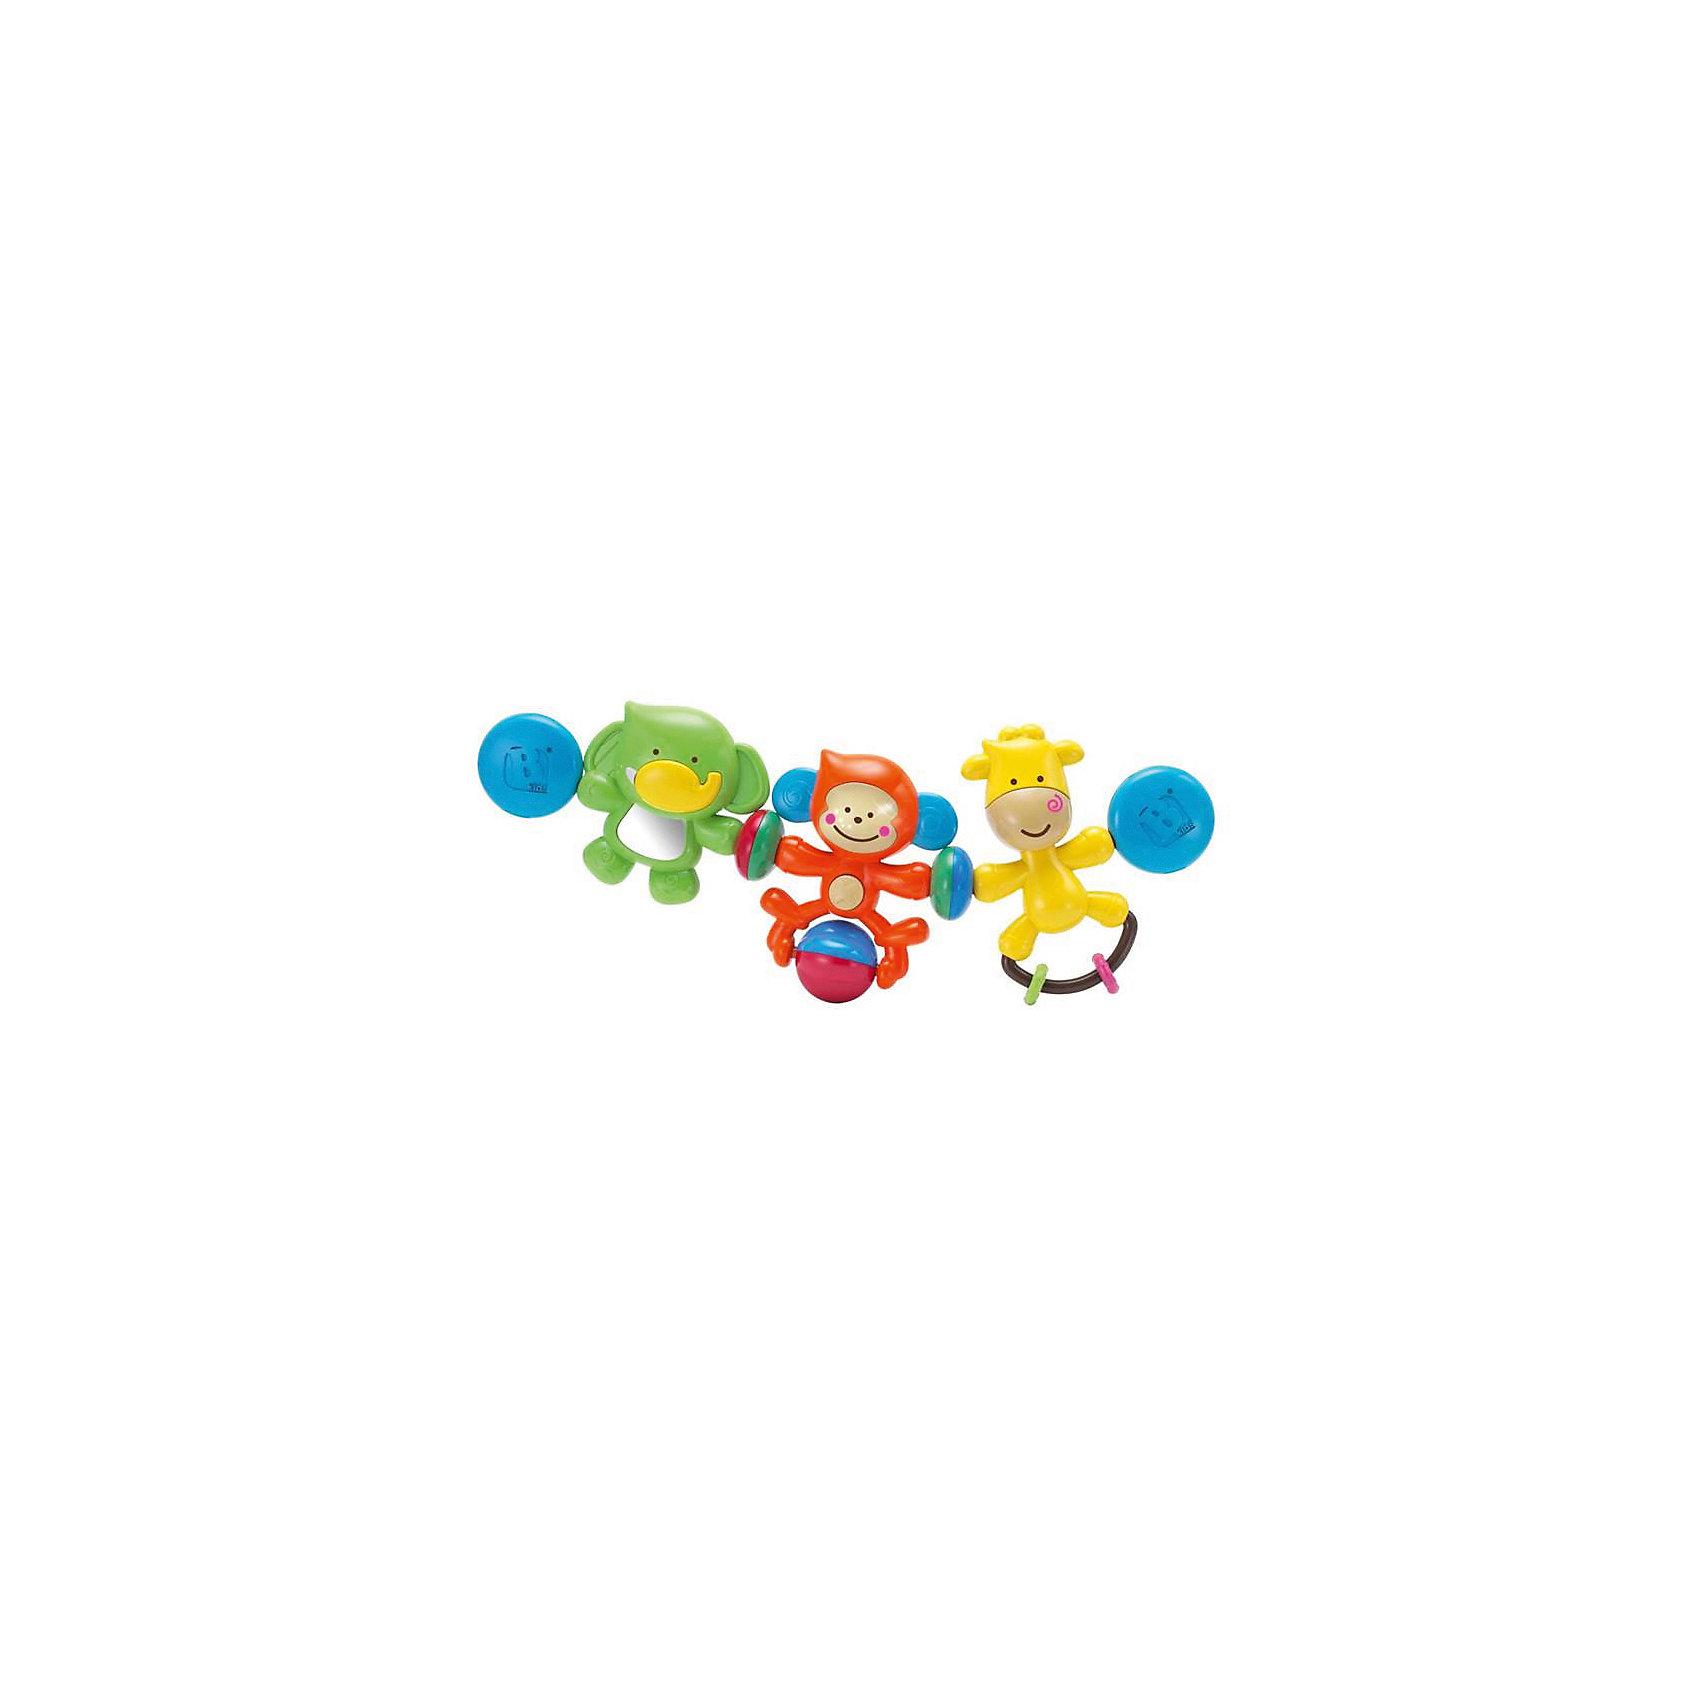 Подвеска Веселые друзья, BKidsПодвески<br>Малыши стремятся познавать всё новое - делать это можно с самого раннего возраста. Играя, малыш всесторонне изучает мир и осваивает новые навыки. Эта игрушка представляет собой подвеску - она играет мелодии и снабжена световыми эффектами.<br>Такие игрушки способствуют развитию мелкой моторики, воображения, цвето- и звуковосприятия, тактильных ощущений и обучению. Изделие разработано специально для самых маленьких. Сделано из материалов, безопасных для детей.<br><br>Дополнительная информация:<br><br>цвет: разноцветный;<br>размер упаковки: 33 х 6 х 20 см;<br>возраст: с рождения.<br><br>Подвеску Веселые друзья от бренда BKids можно купить в нашем интернет-магазине.<br><br>Ширина мм: 63<br>Глубина мм: 63<br>Высота мм: 203<br>Вес г: 316<br>Возраст от месяцев: 0<br>Возраст до месяцев: 36<br>Пол: Унисекс<br>Возраст: Детский<br>SKU: 5055379